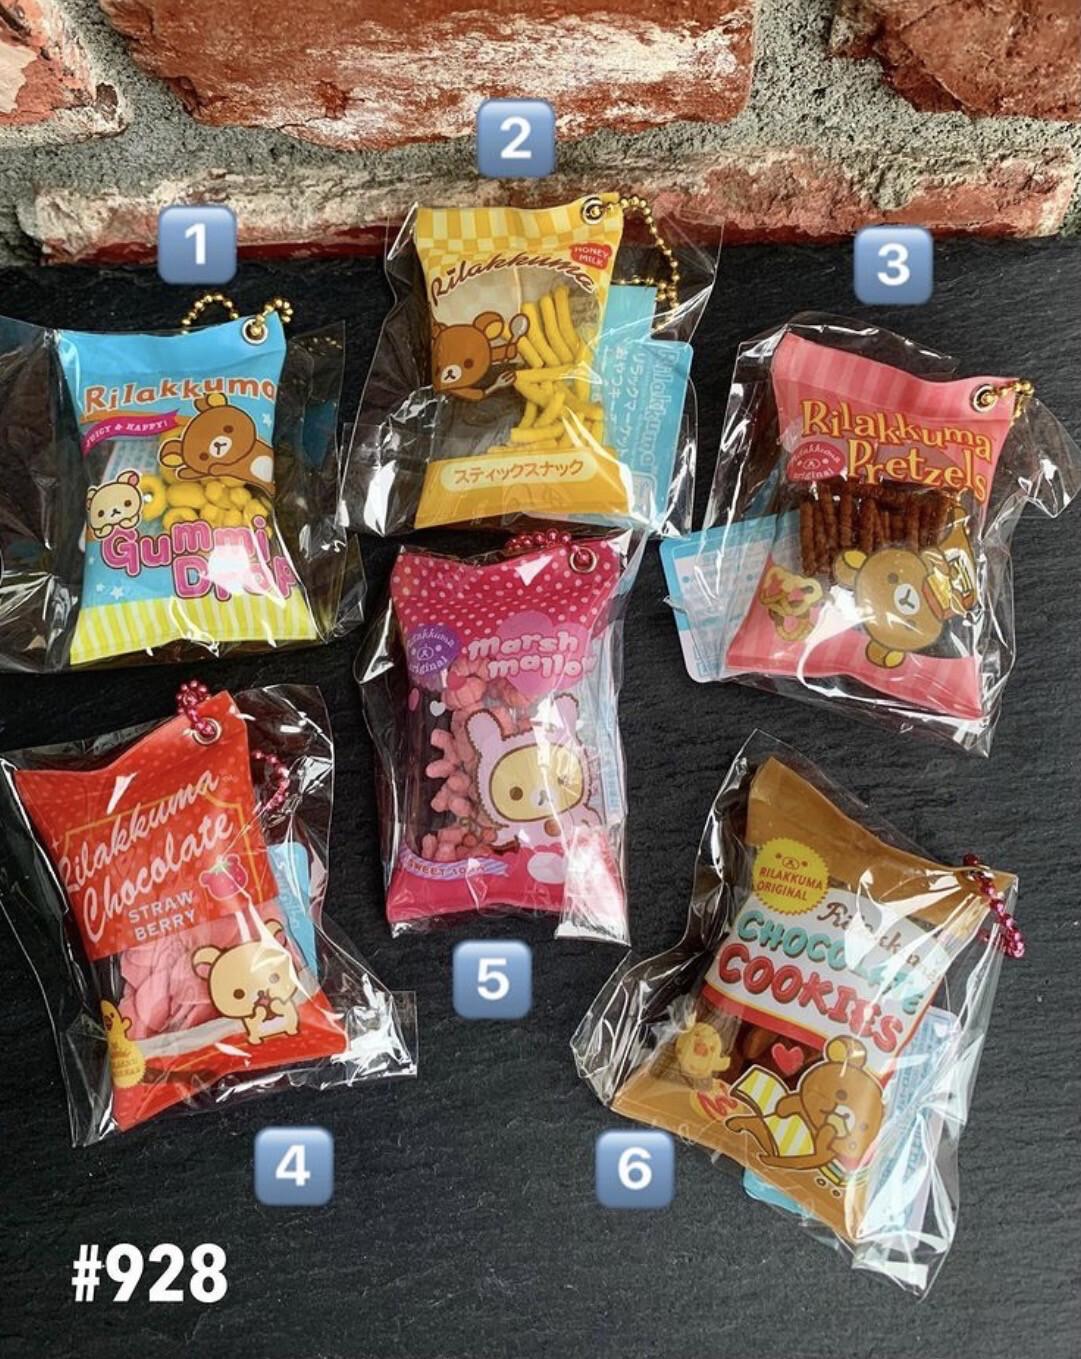 San-X Rilakkuma Relax Bear Snack Shaka Keychain